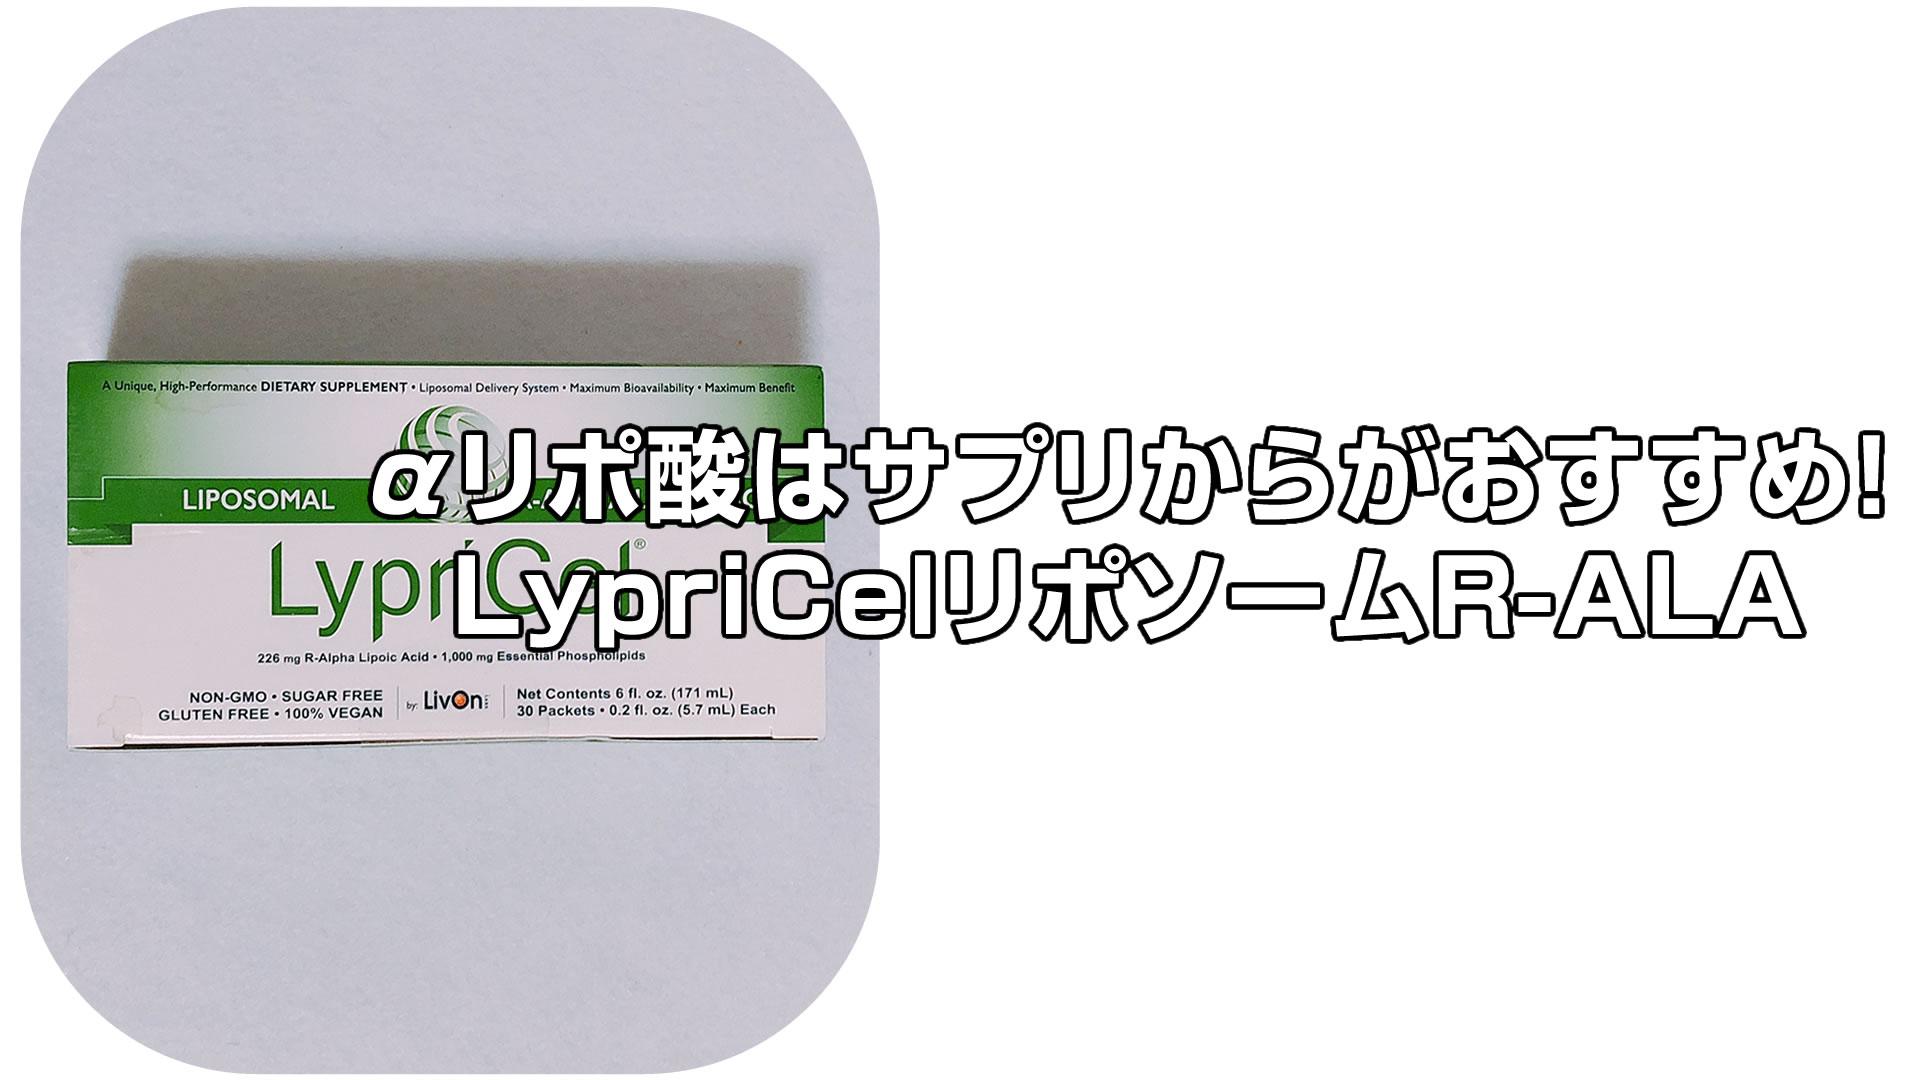 αリポ酸注射が怖いならLypriCelリポソームR-ALAがおすすめ[iHerb]